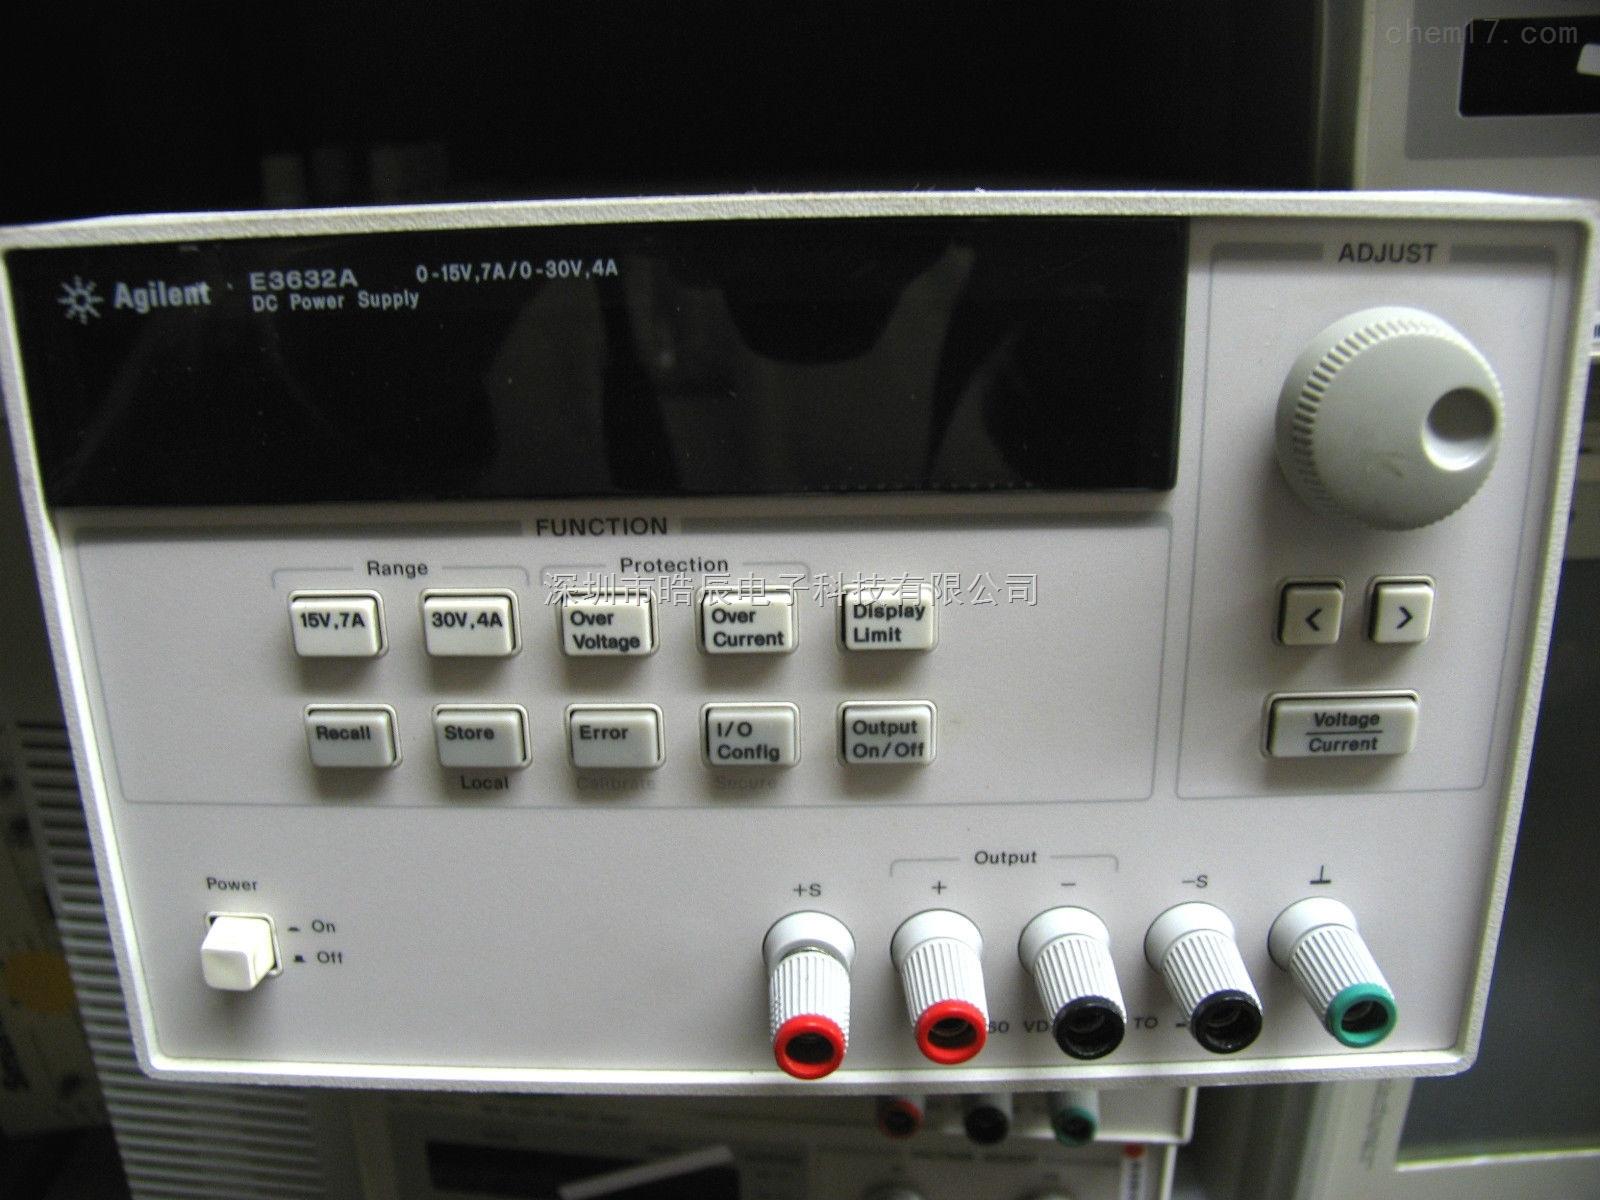 安捷伦 e3632a 120w 电源